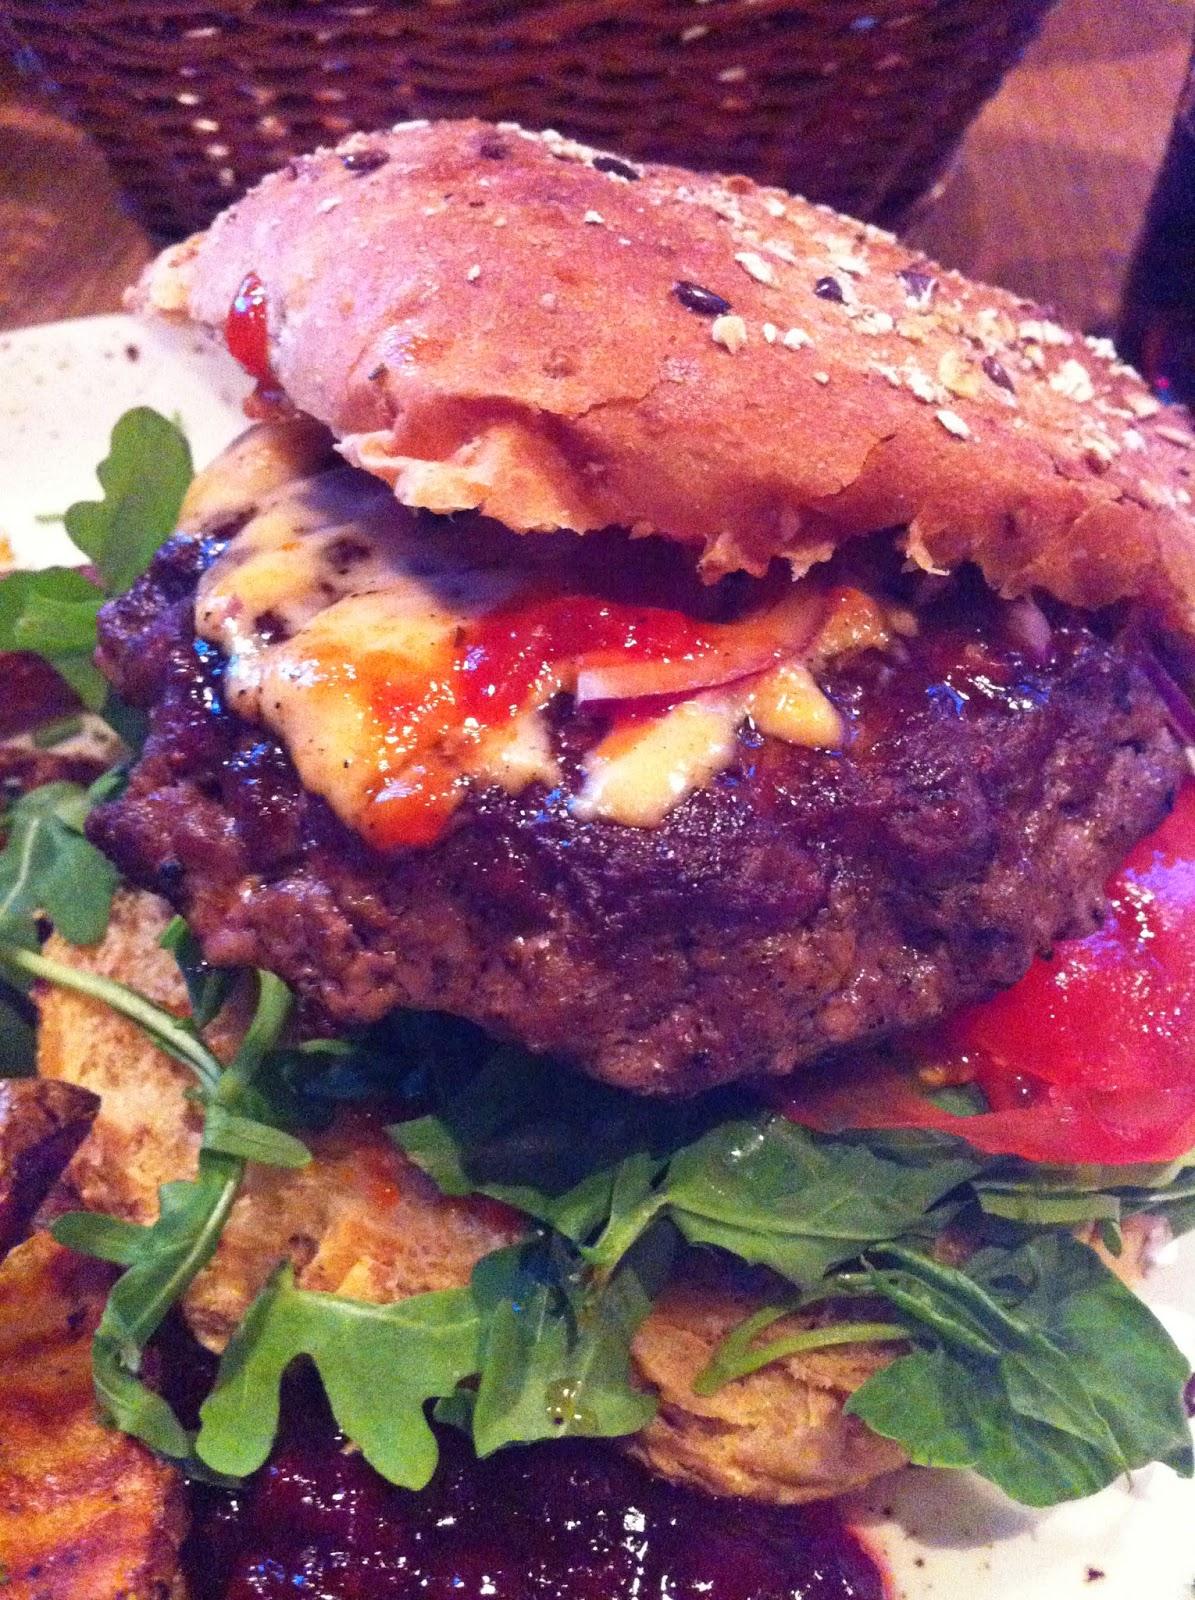 Germanys Best Burger Die Kuche Mannheim